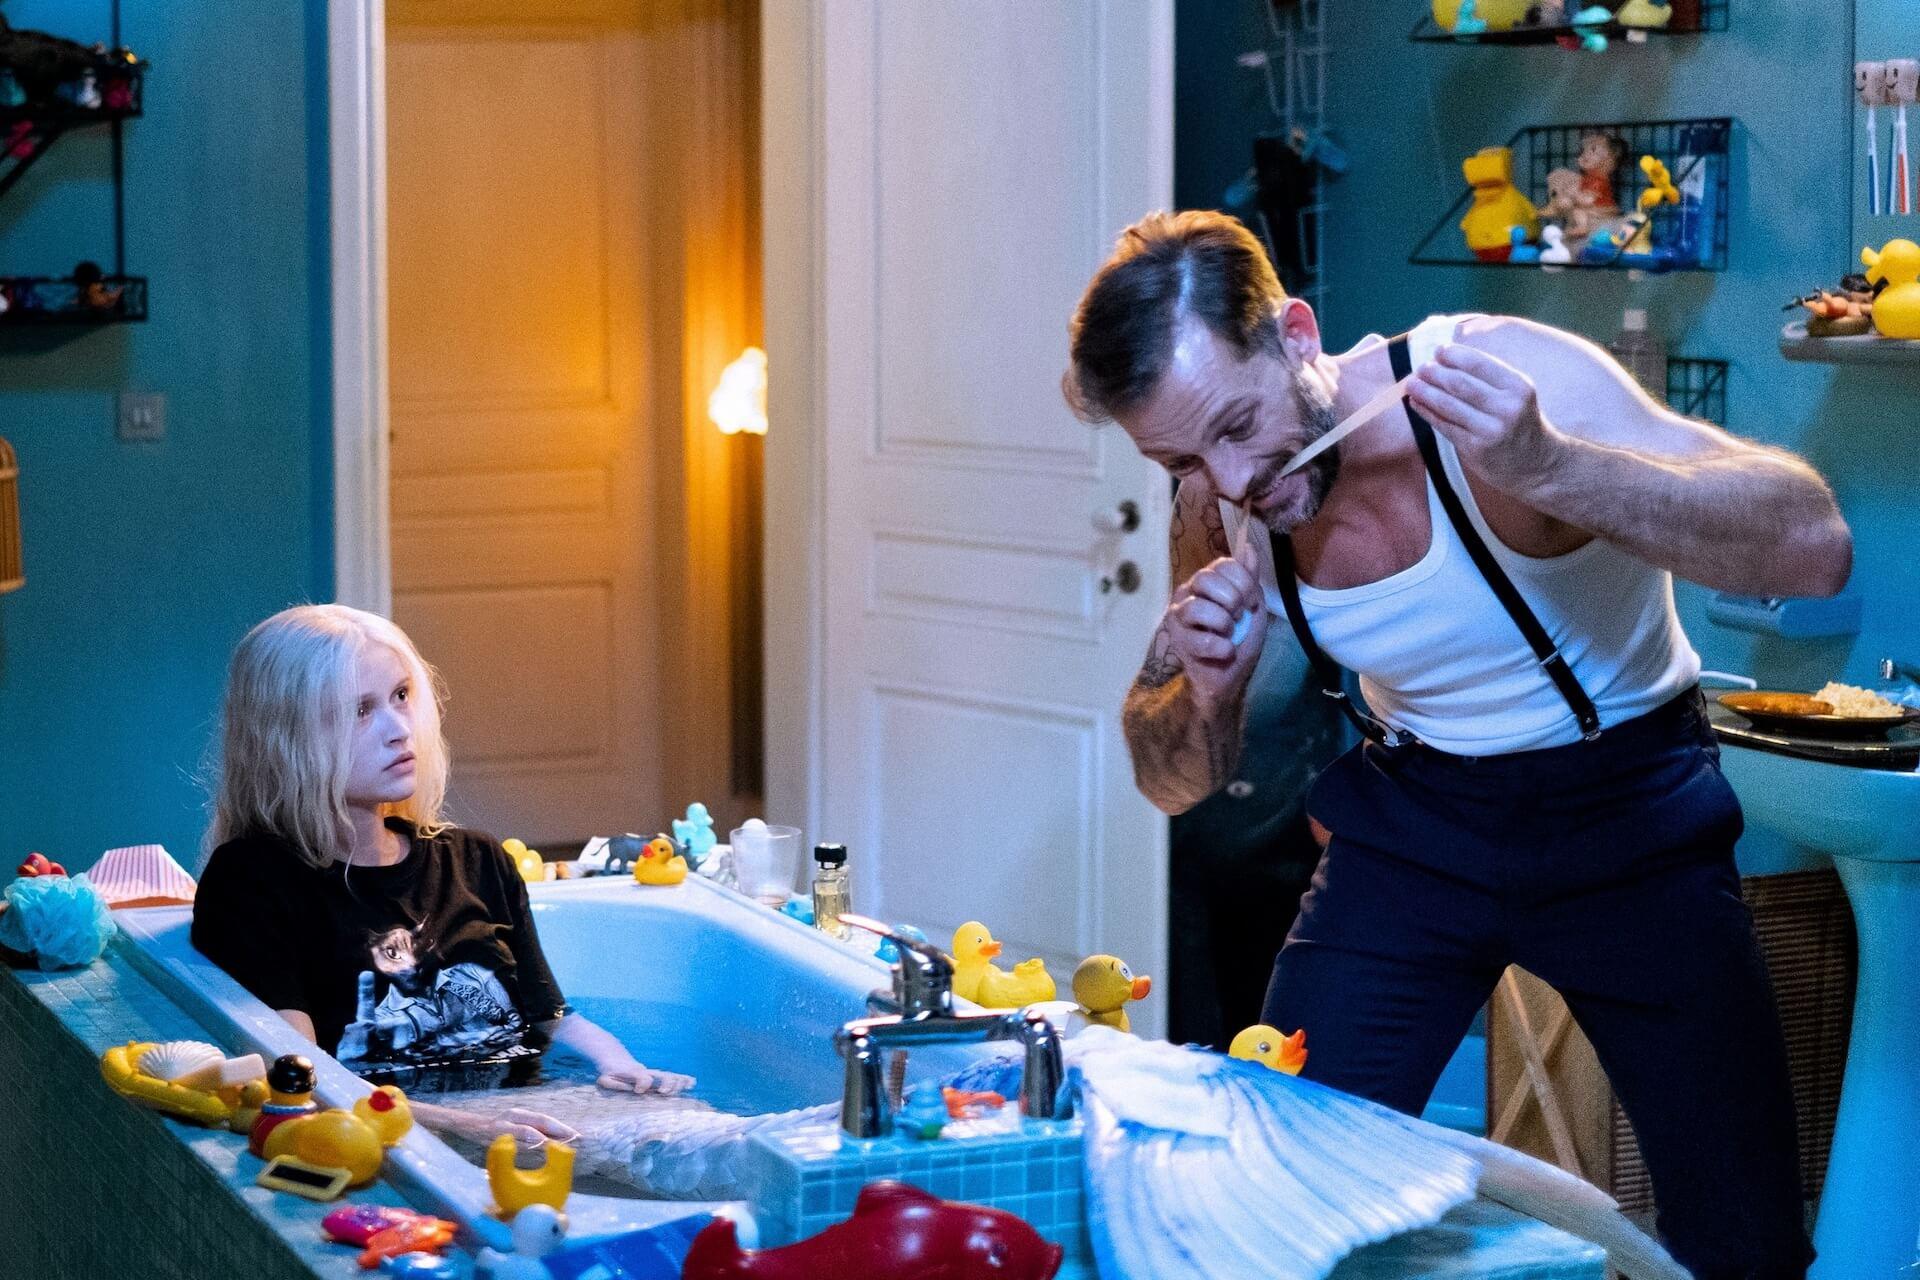 「私の歌を聞いた男は、恋に落ちて心臓が破裂する」パリを舞台に人魚のラブストーリーを描いた映画『マーメイド・イン・パリ』が2月公開 本編映像が解禁 film210113-mermaidinparis-1